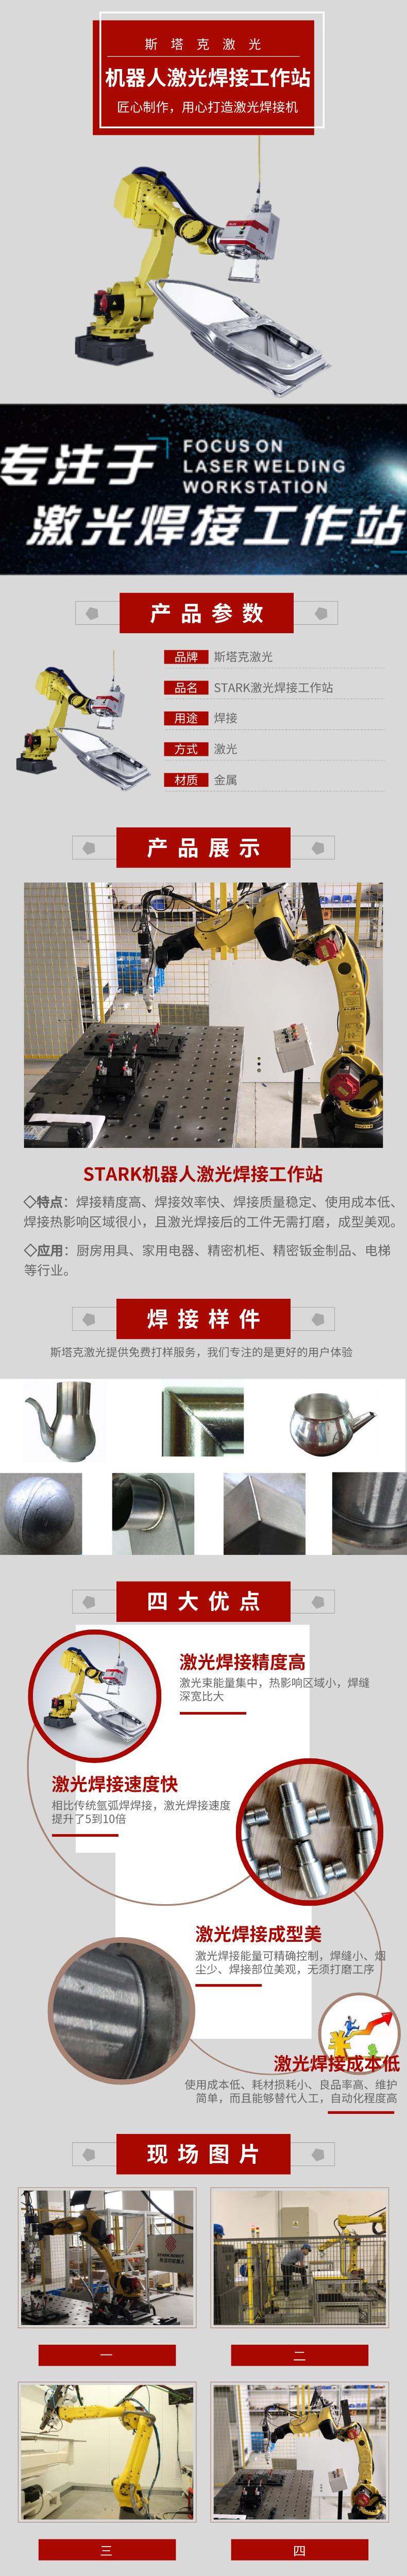 斯塔克 激光焊接机器人 薄板激光焊接机 焊缝美观示例图2